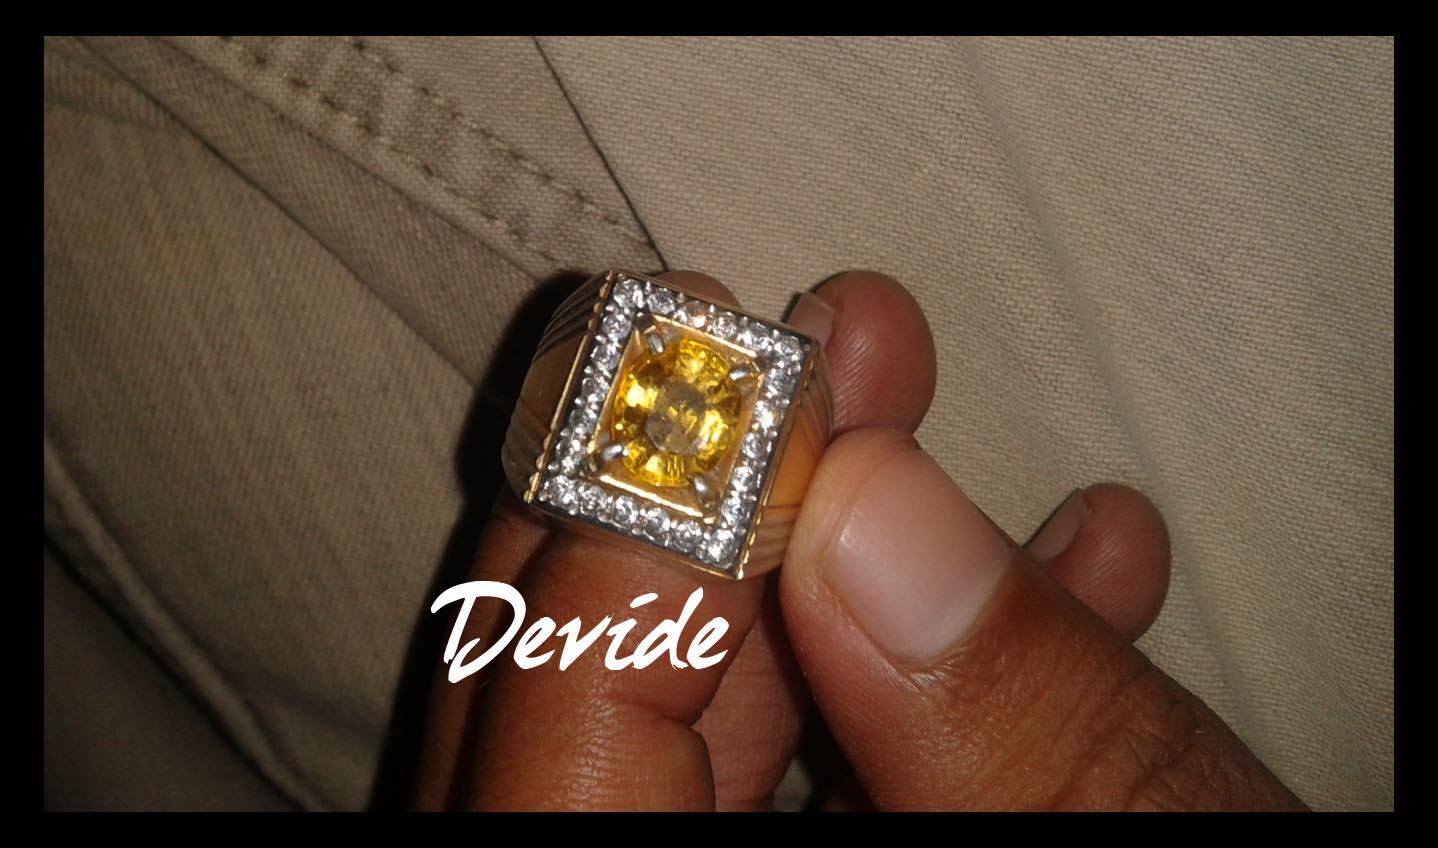 jual beli batu cincin murah batu yakut kuning langka